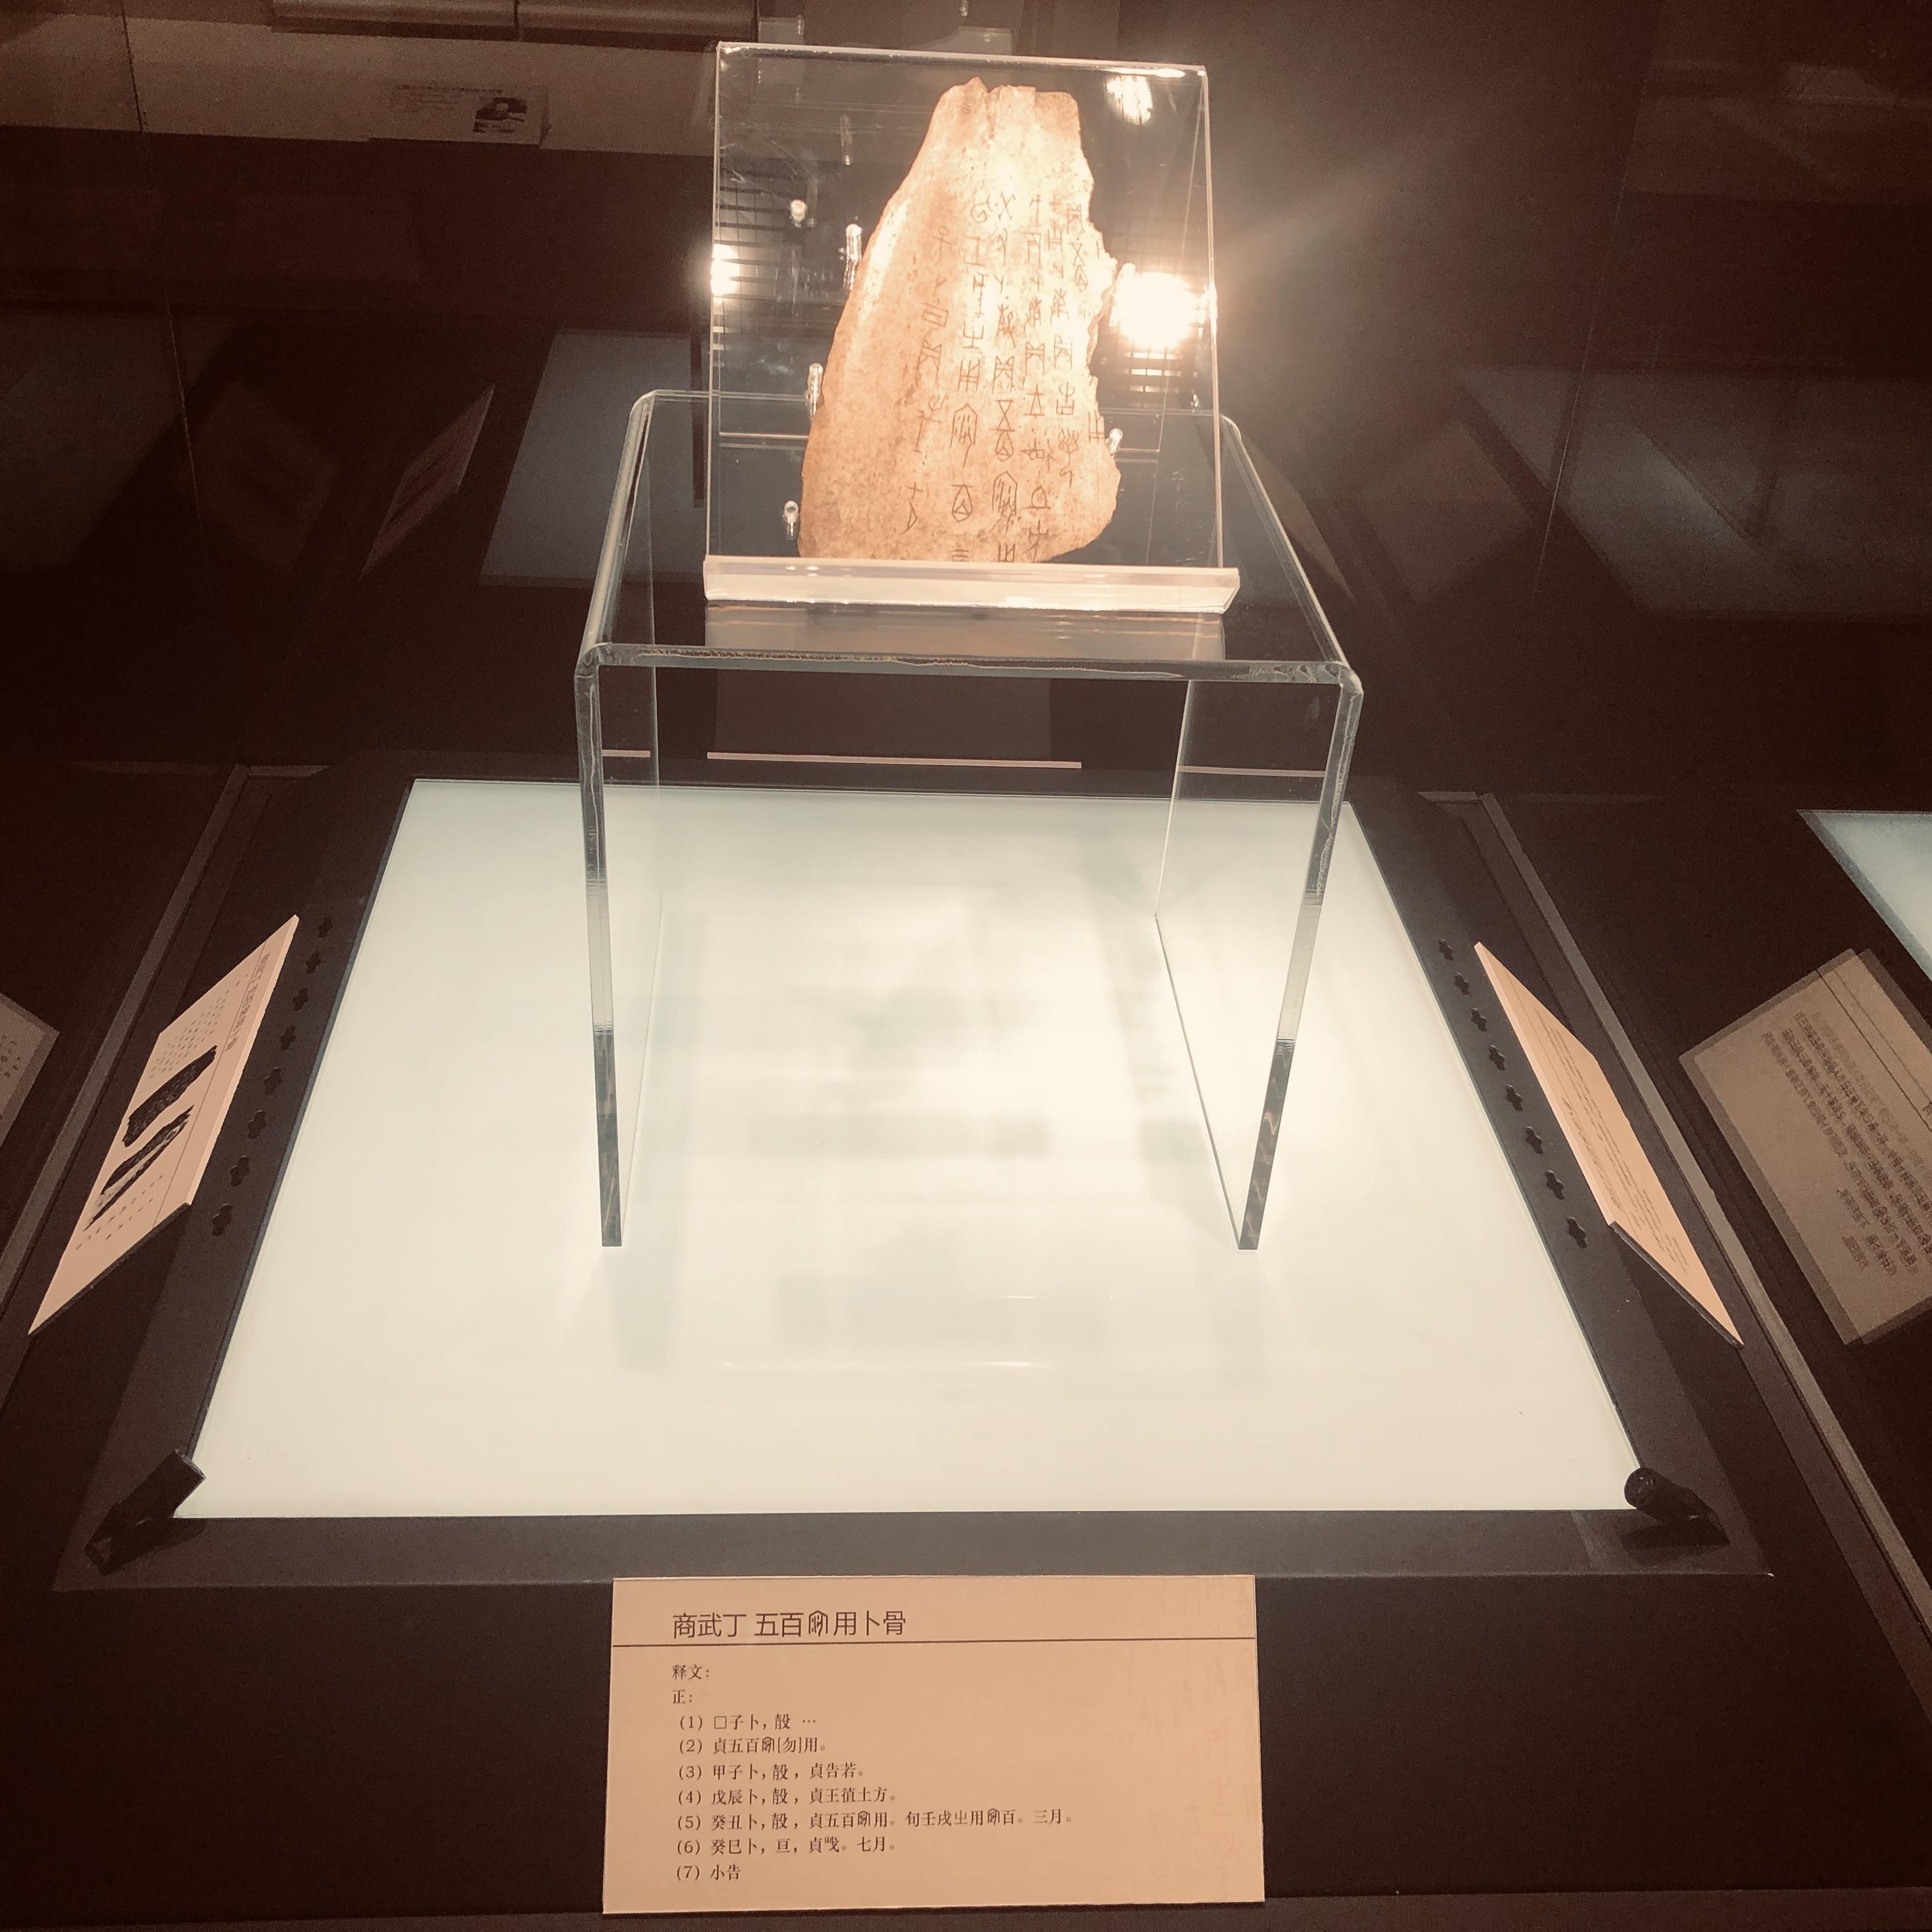 甲骨文字発見120周年記念特別展開催 中国・天津